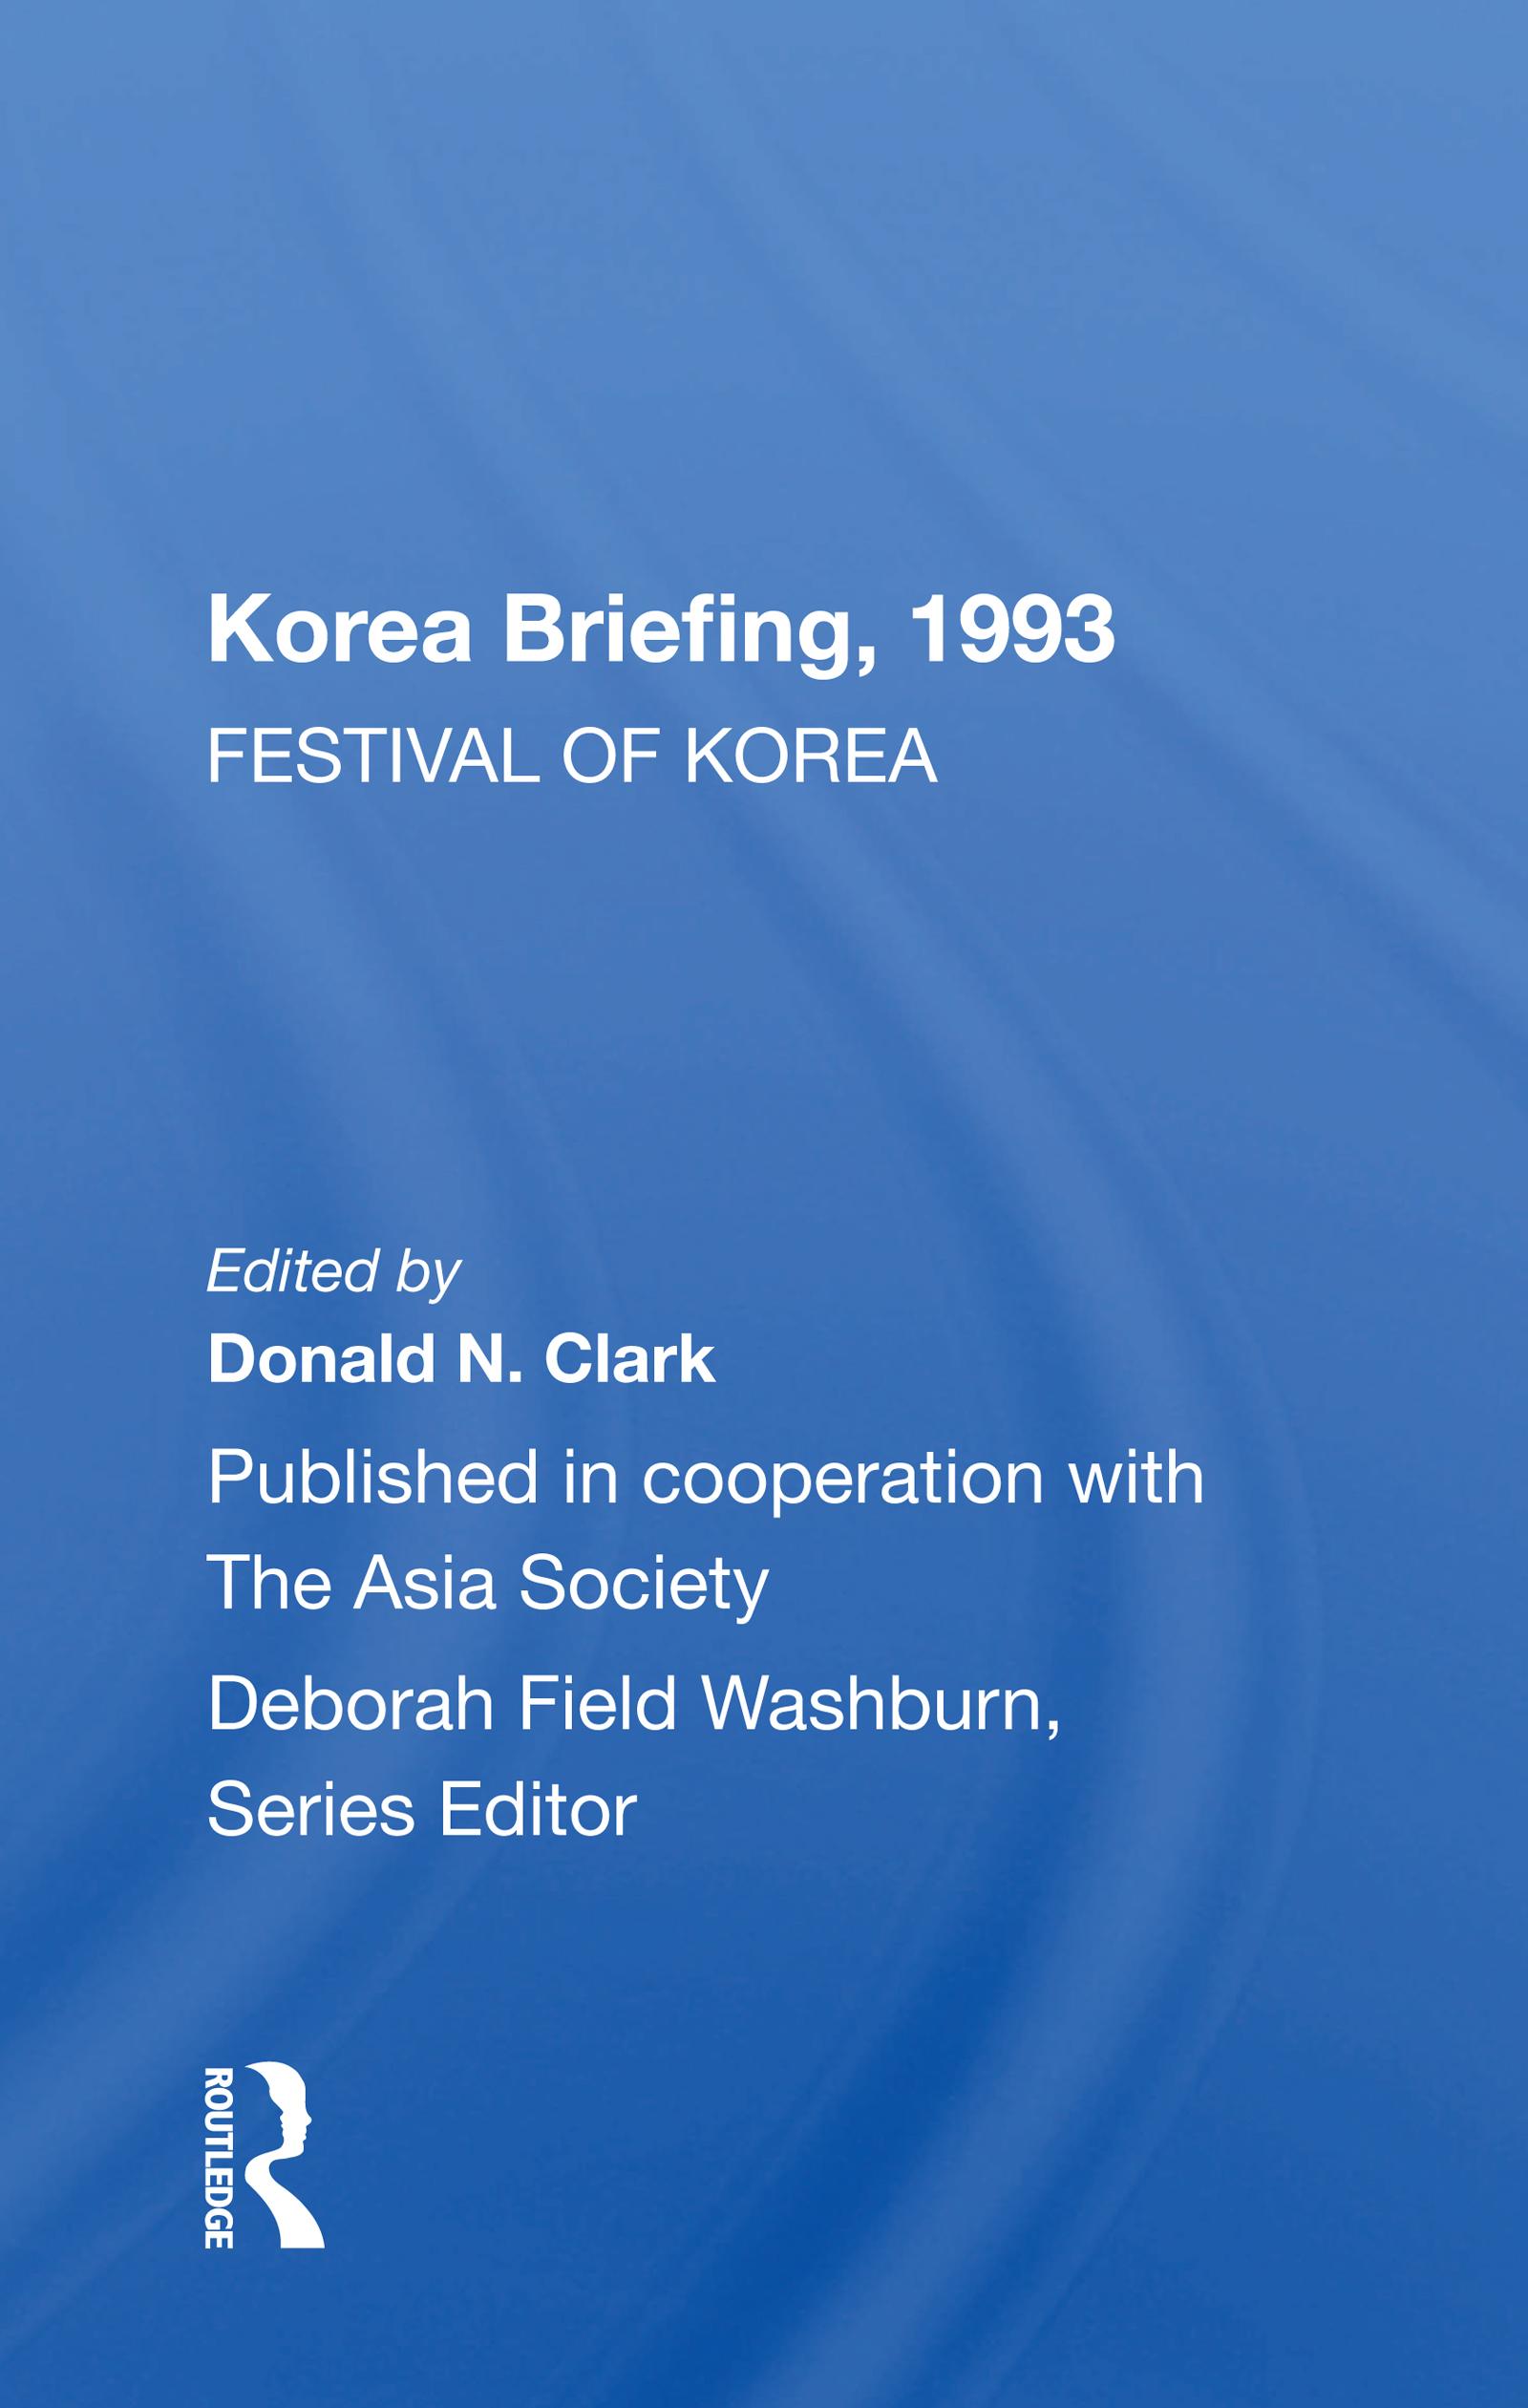 Korea Briefing, 1993